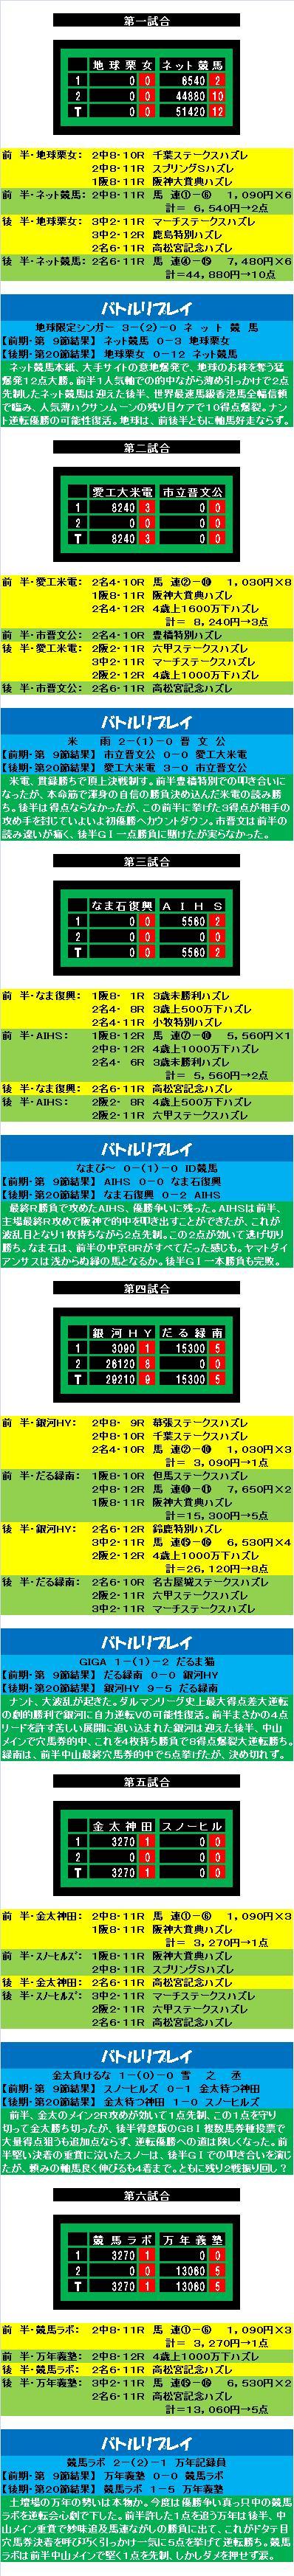 20150329・ダルマンリーグ第20節後半終了リプレイスコア③(通常版).jpg